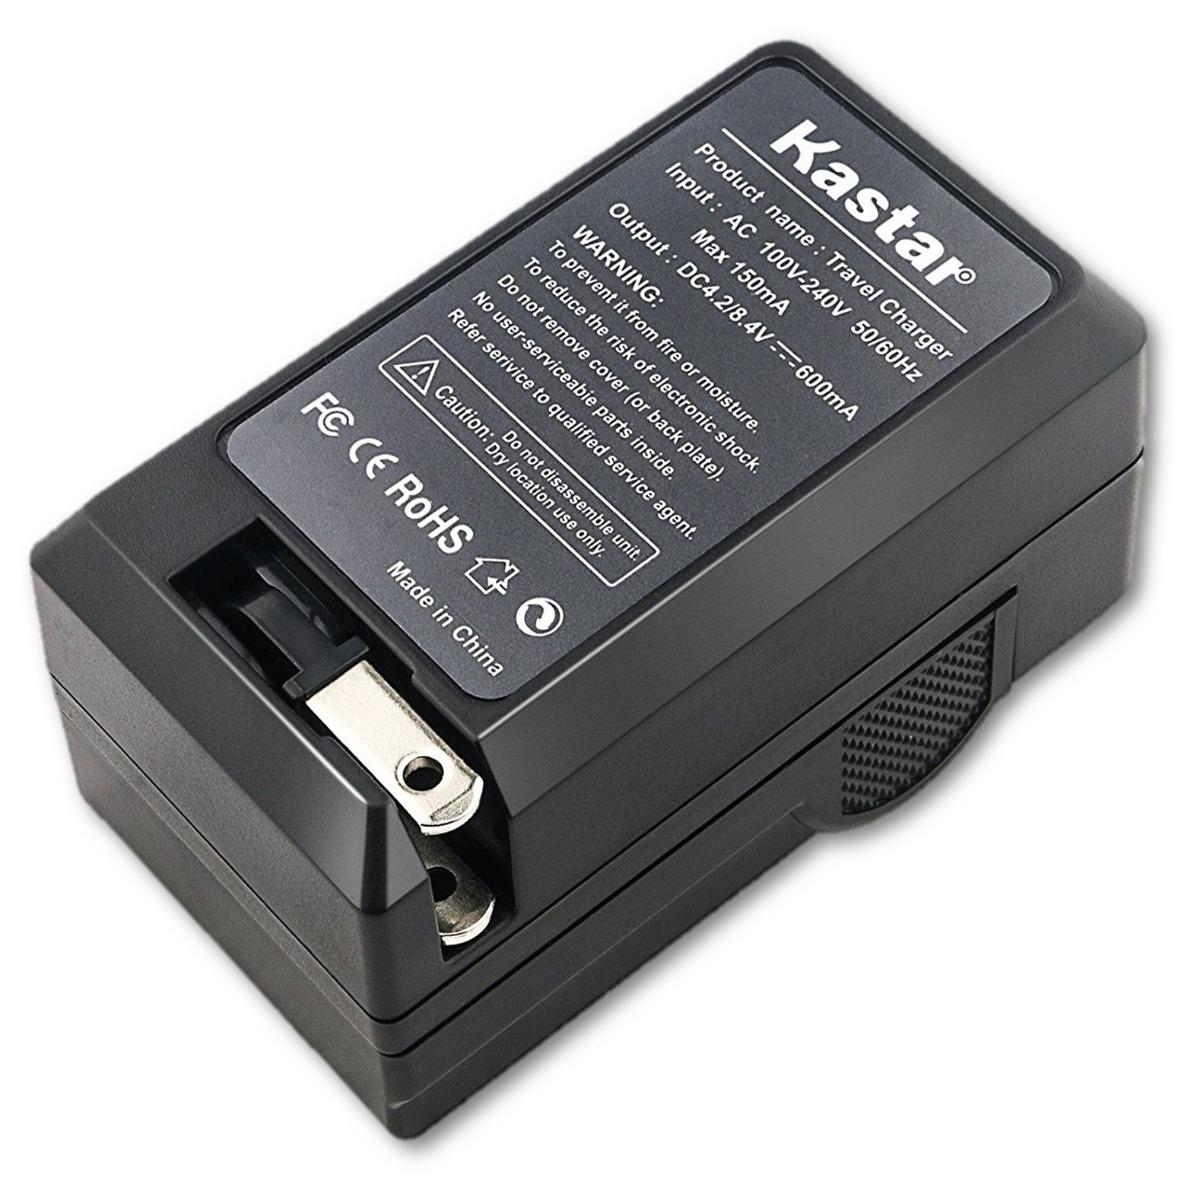 red cargador 2 baterías para Kodak EasyShare dx7630 estación de carga